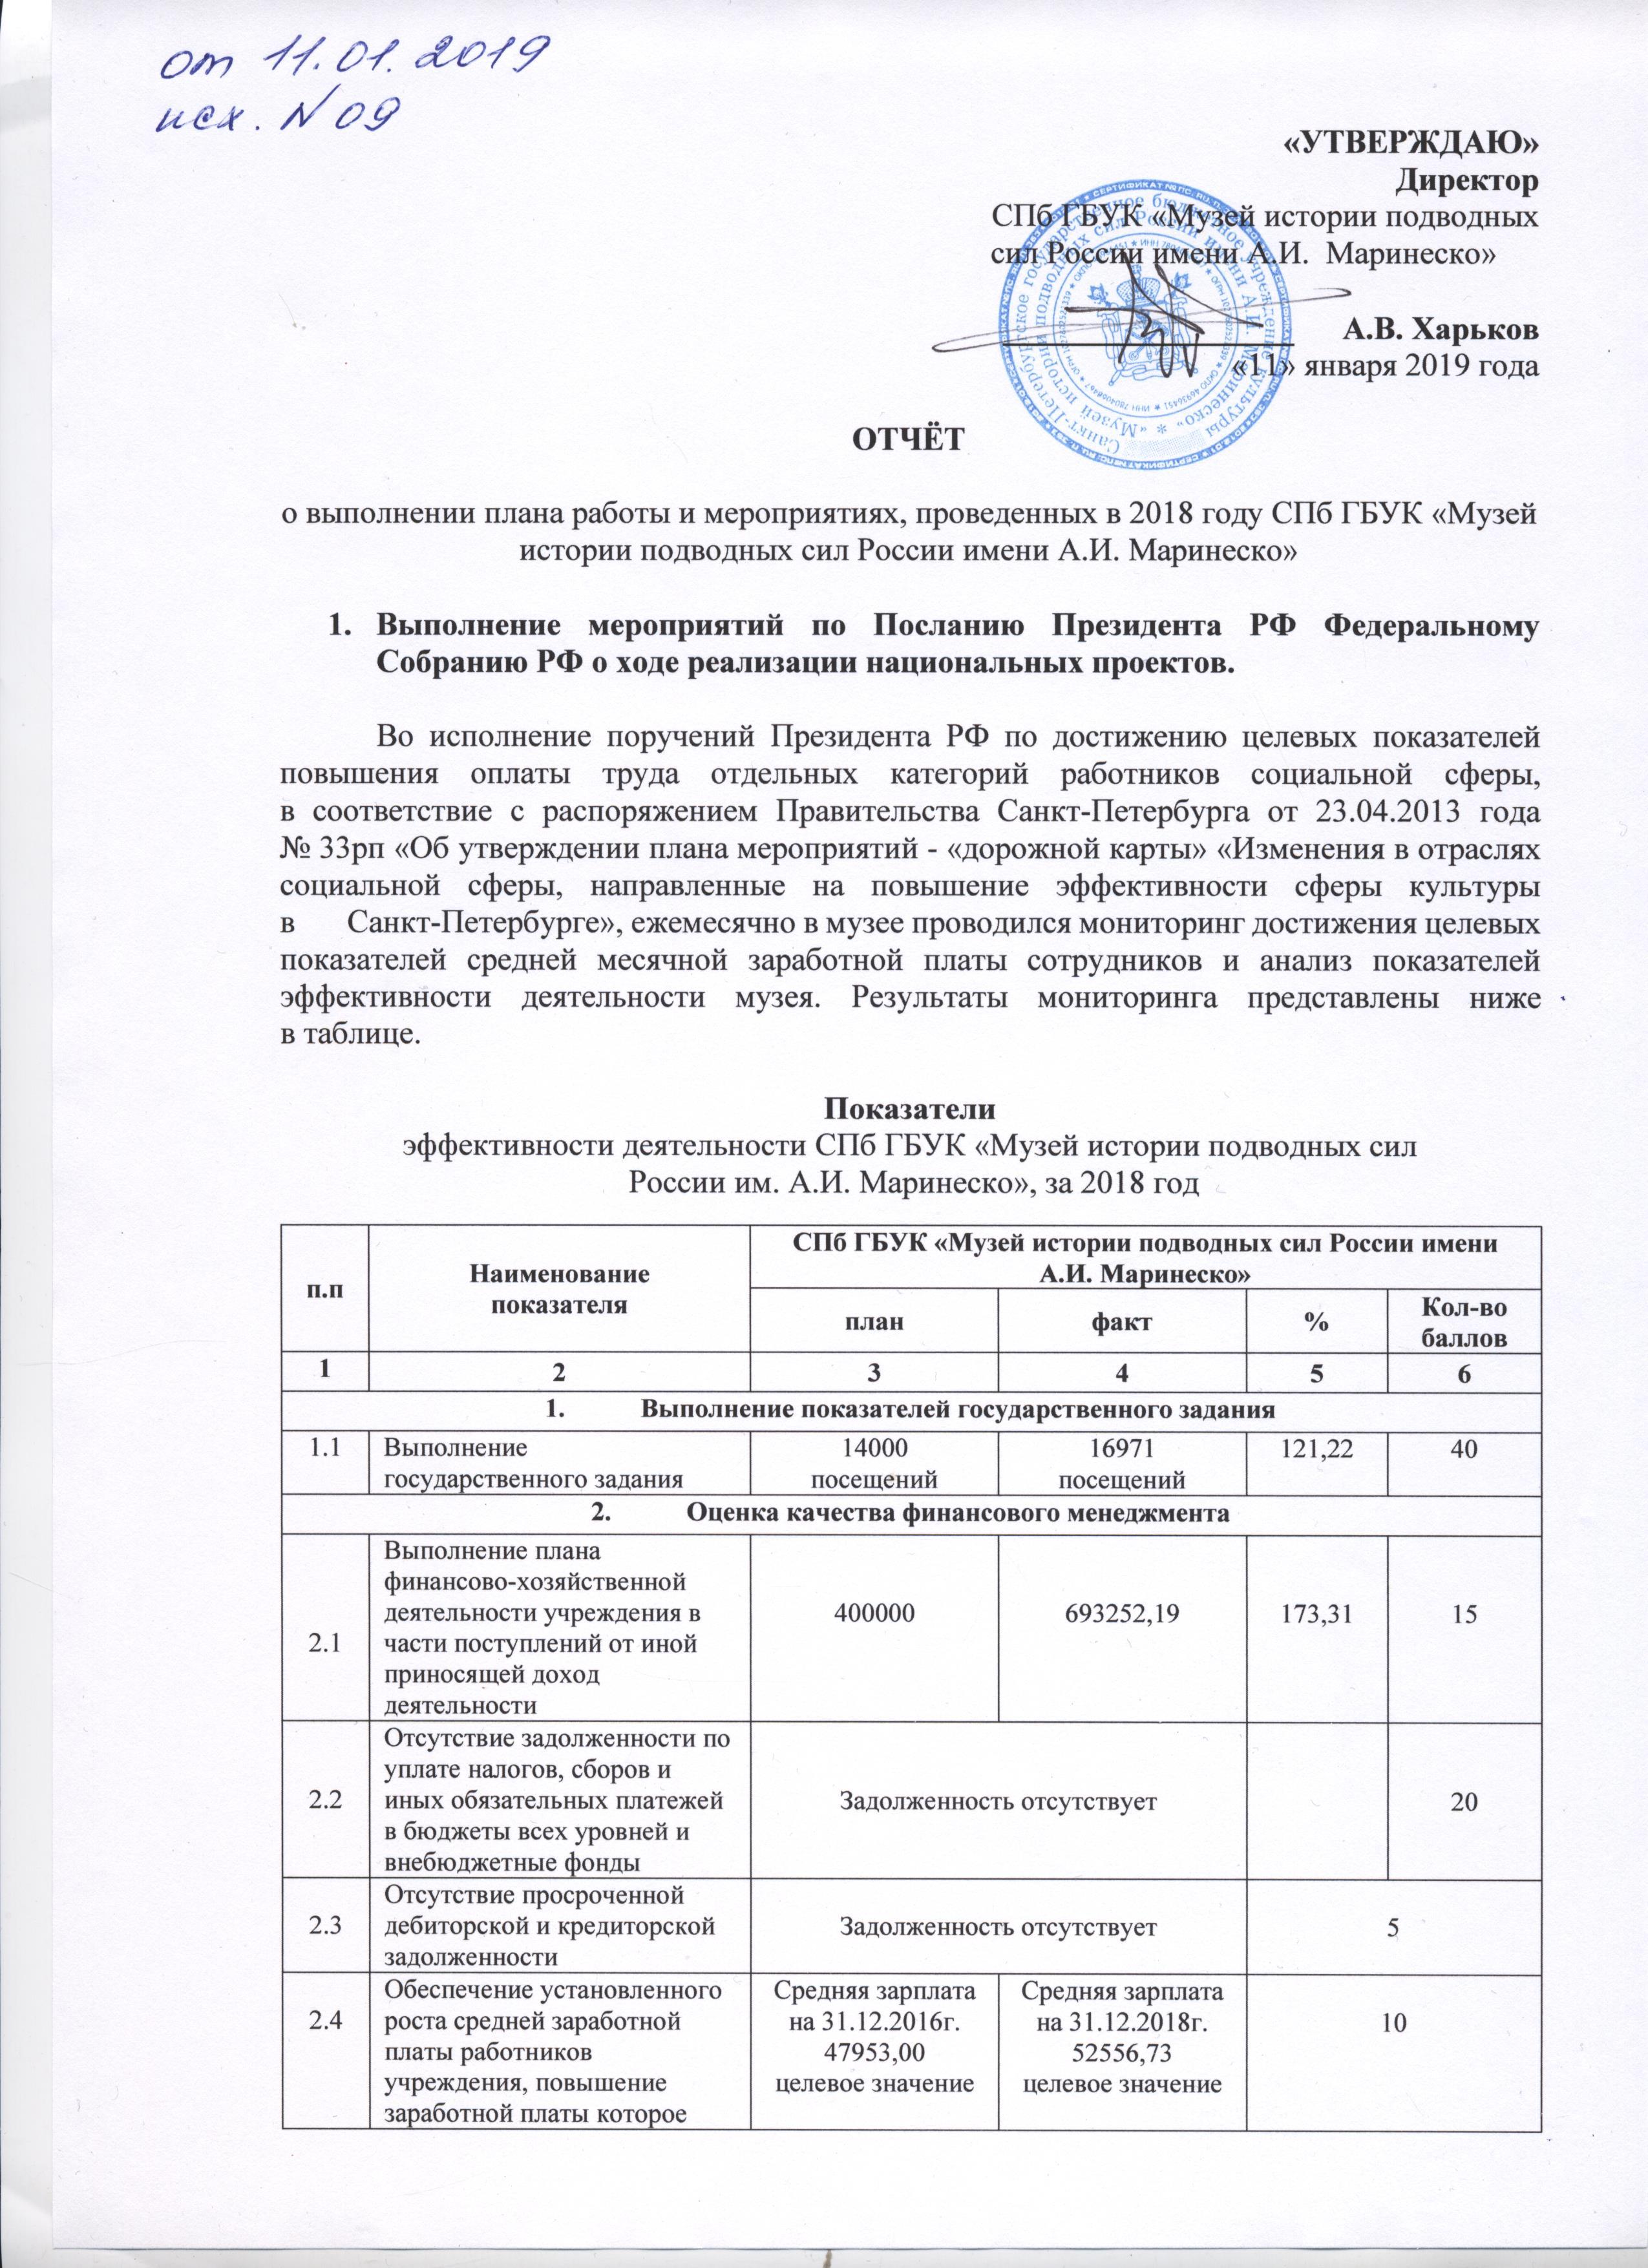 Отчет о выполнении государственного задания за 2018 год.